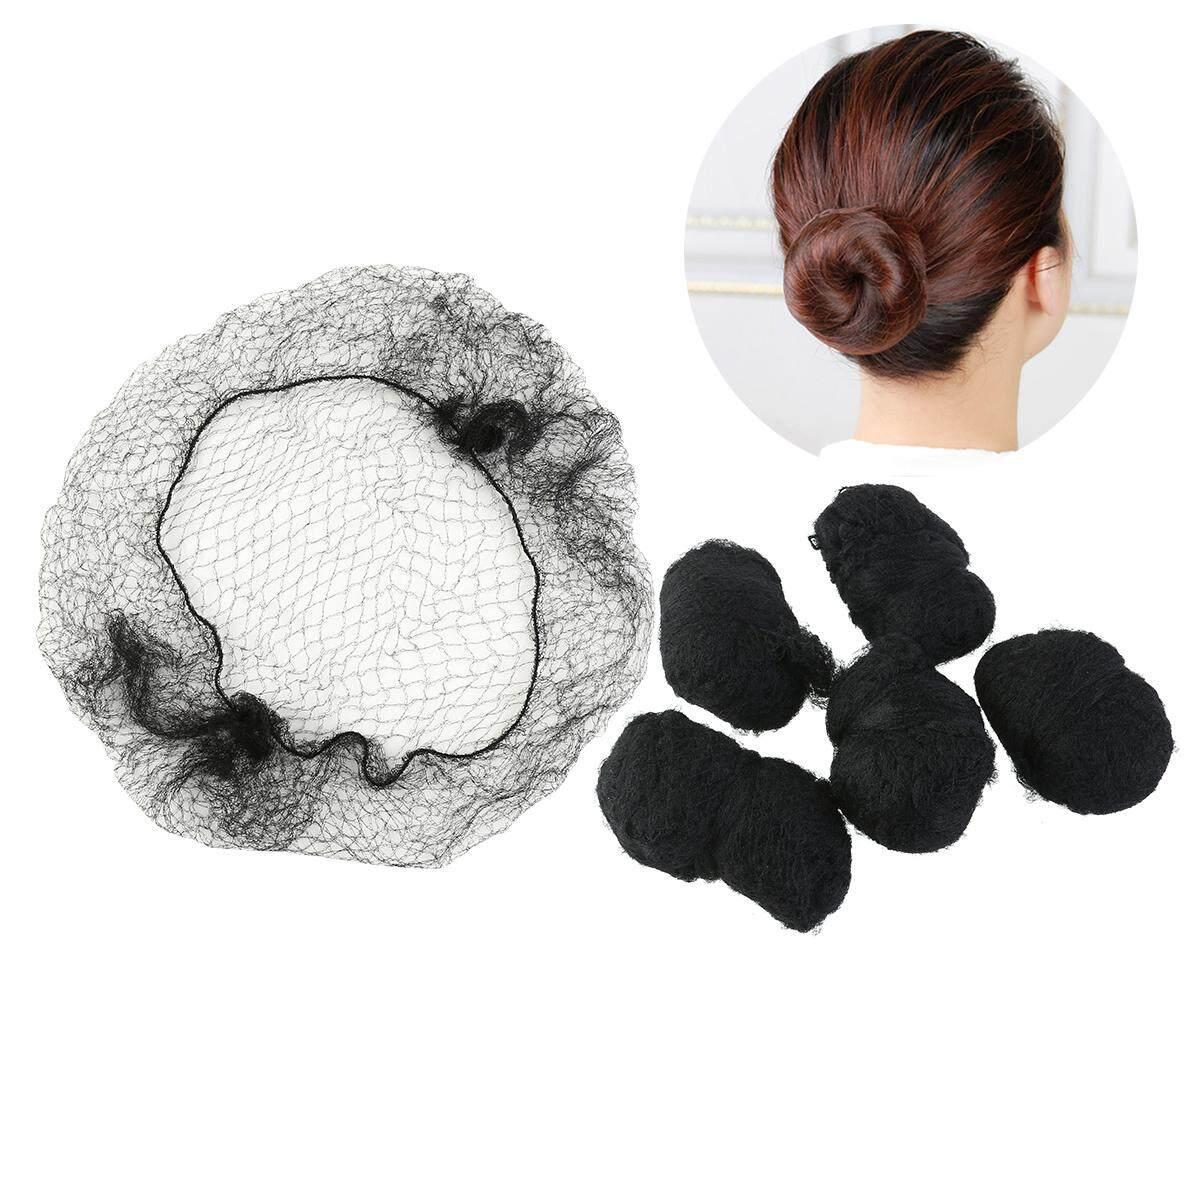 100pcs Hair Nets Invisible Elastic Edge Mesh (Black)